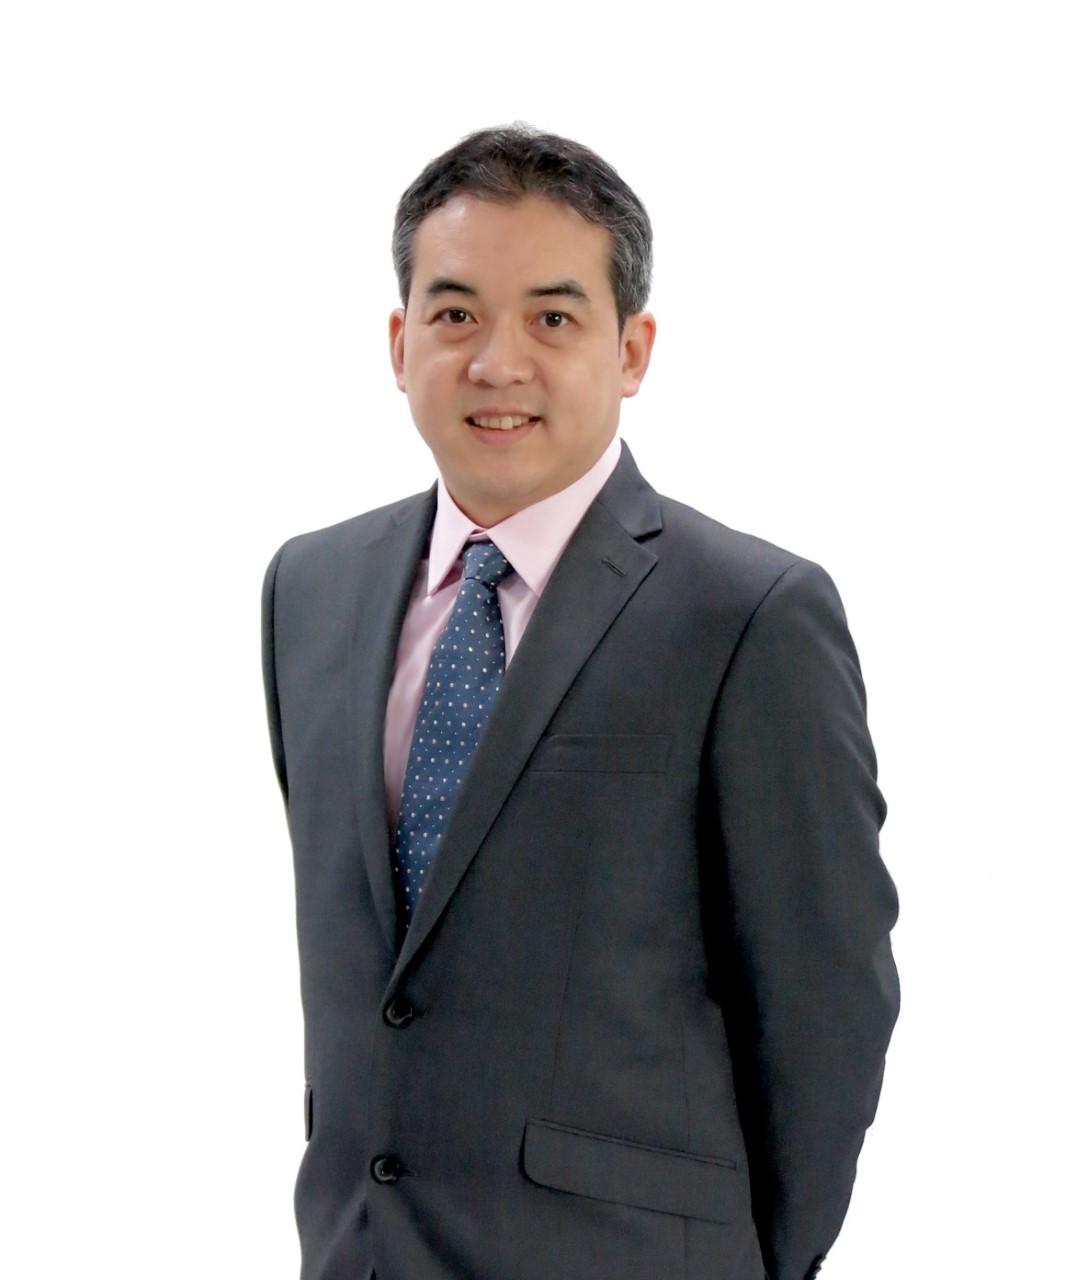 นายณัฐ เหลืองนฤมิตชัย ผู้ช่วยผู้จัดการ หัวหน้ากลุ่มงานพัฒนาระบบงานเทคโนโลยีสารสนเทศ สายงานเทคโนโลยีสารสนเทศ ตลาดหลักทรัพย์แห่งประเทศไทย